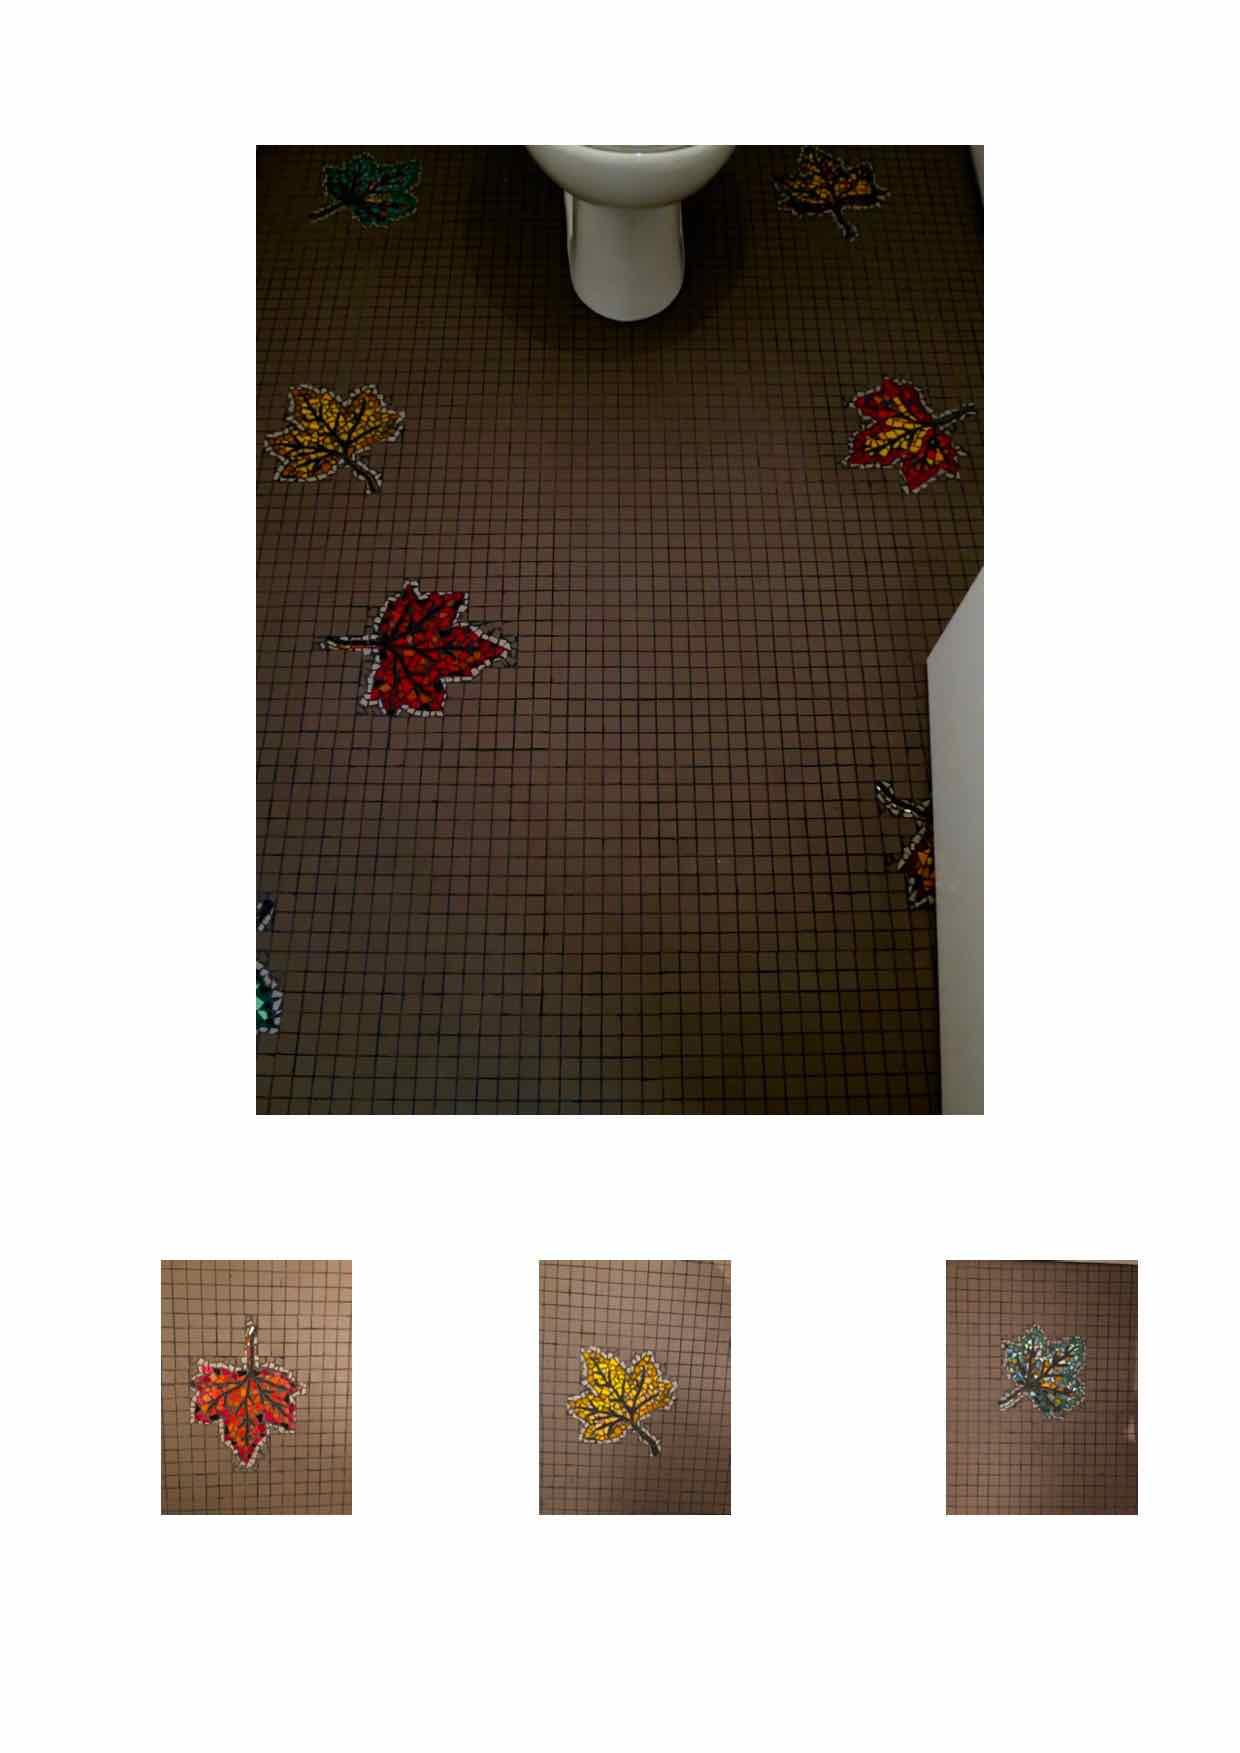 Sol wc mosaïque